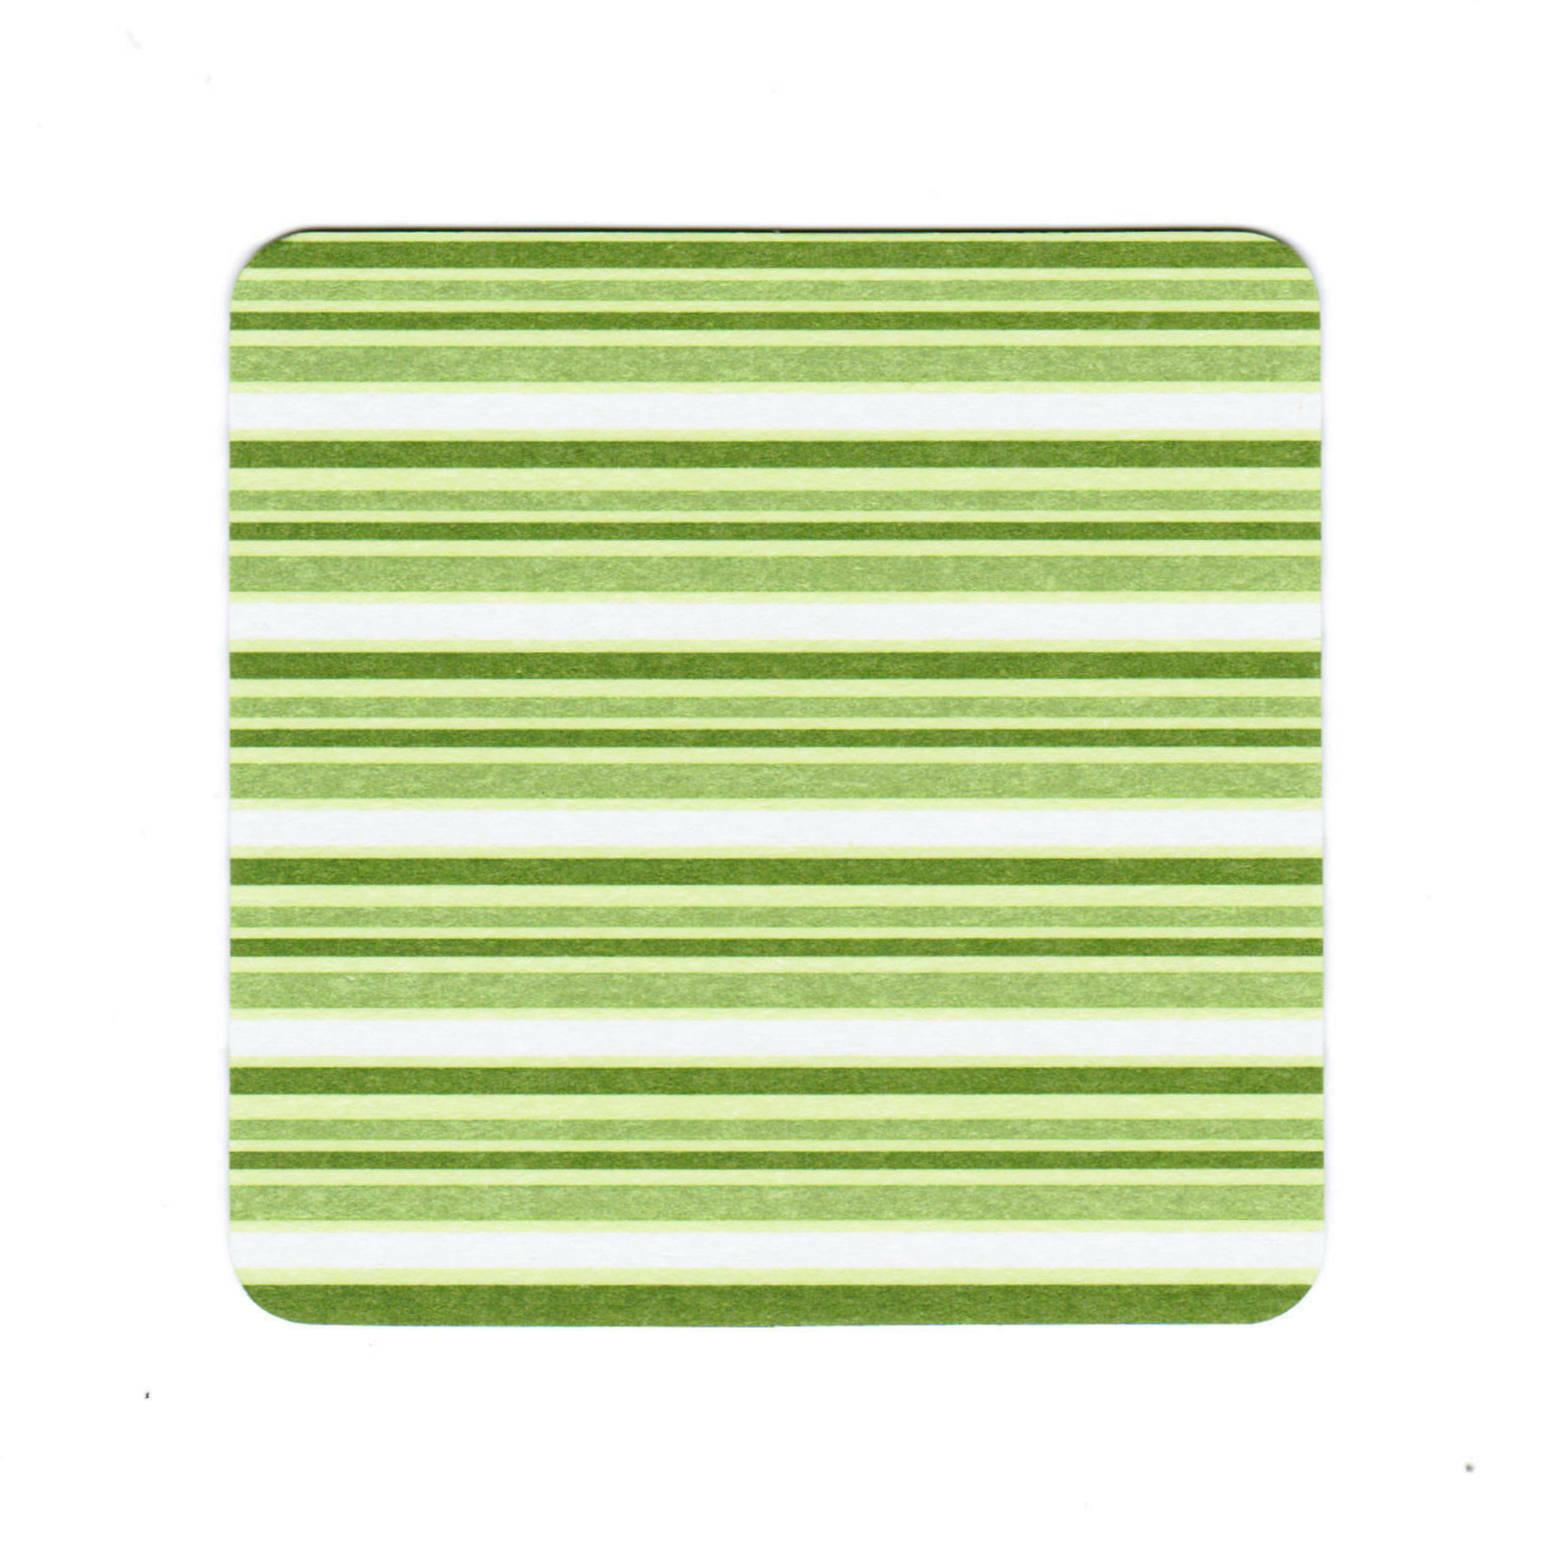 60 - 120 Stück Untersetzer für Gläser Tassen 9x9 cm Bierdeckel Pappe Grün/ Blau - 60 x Grün